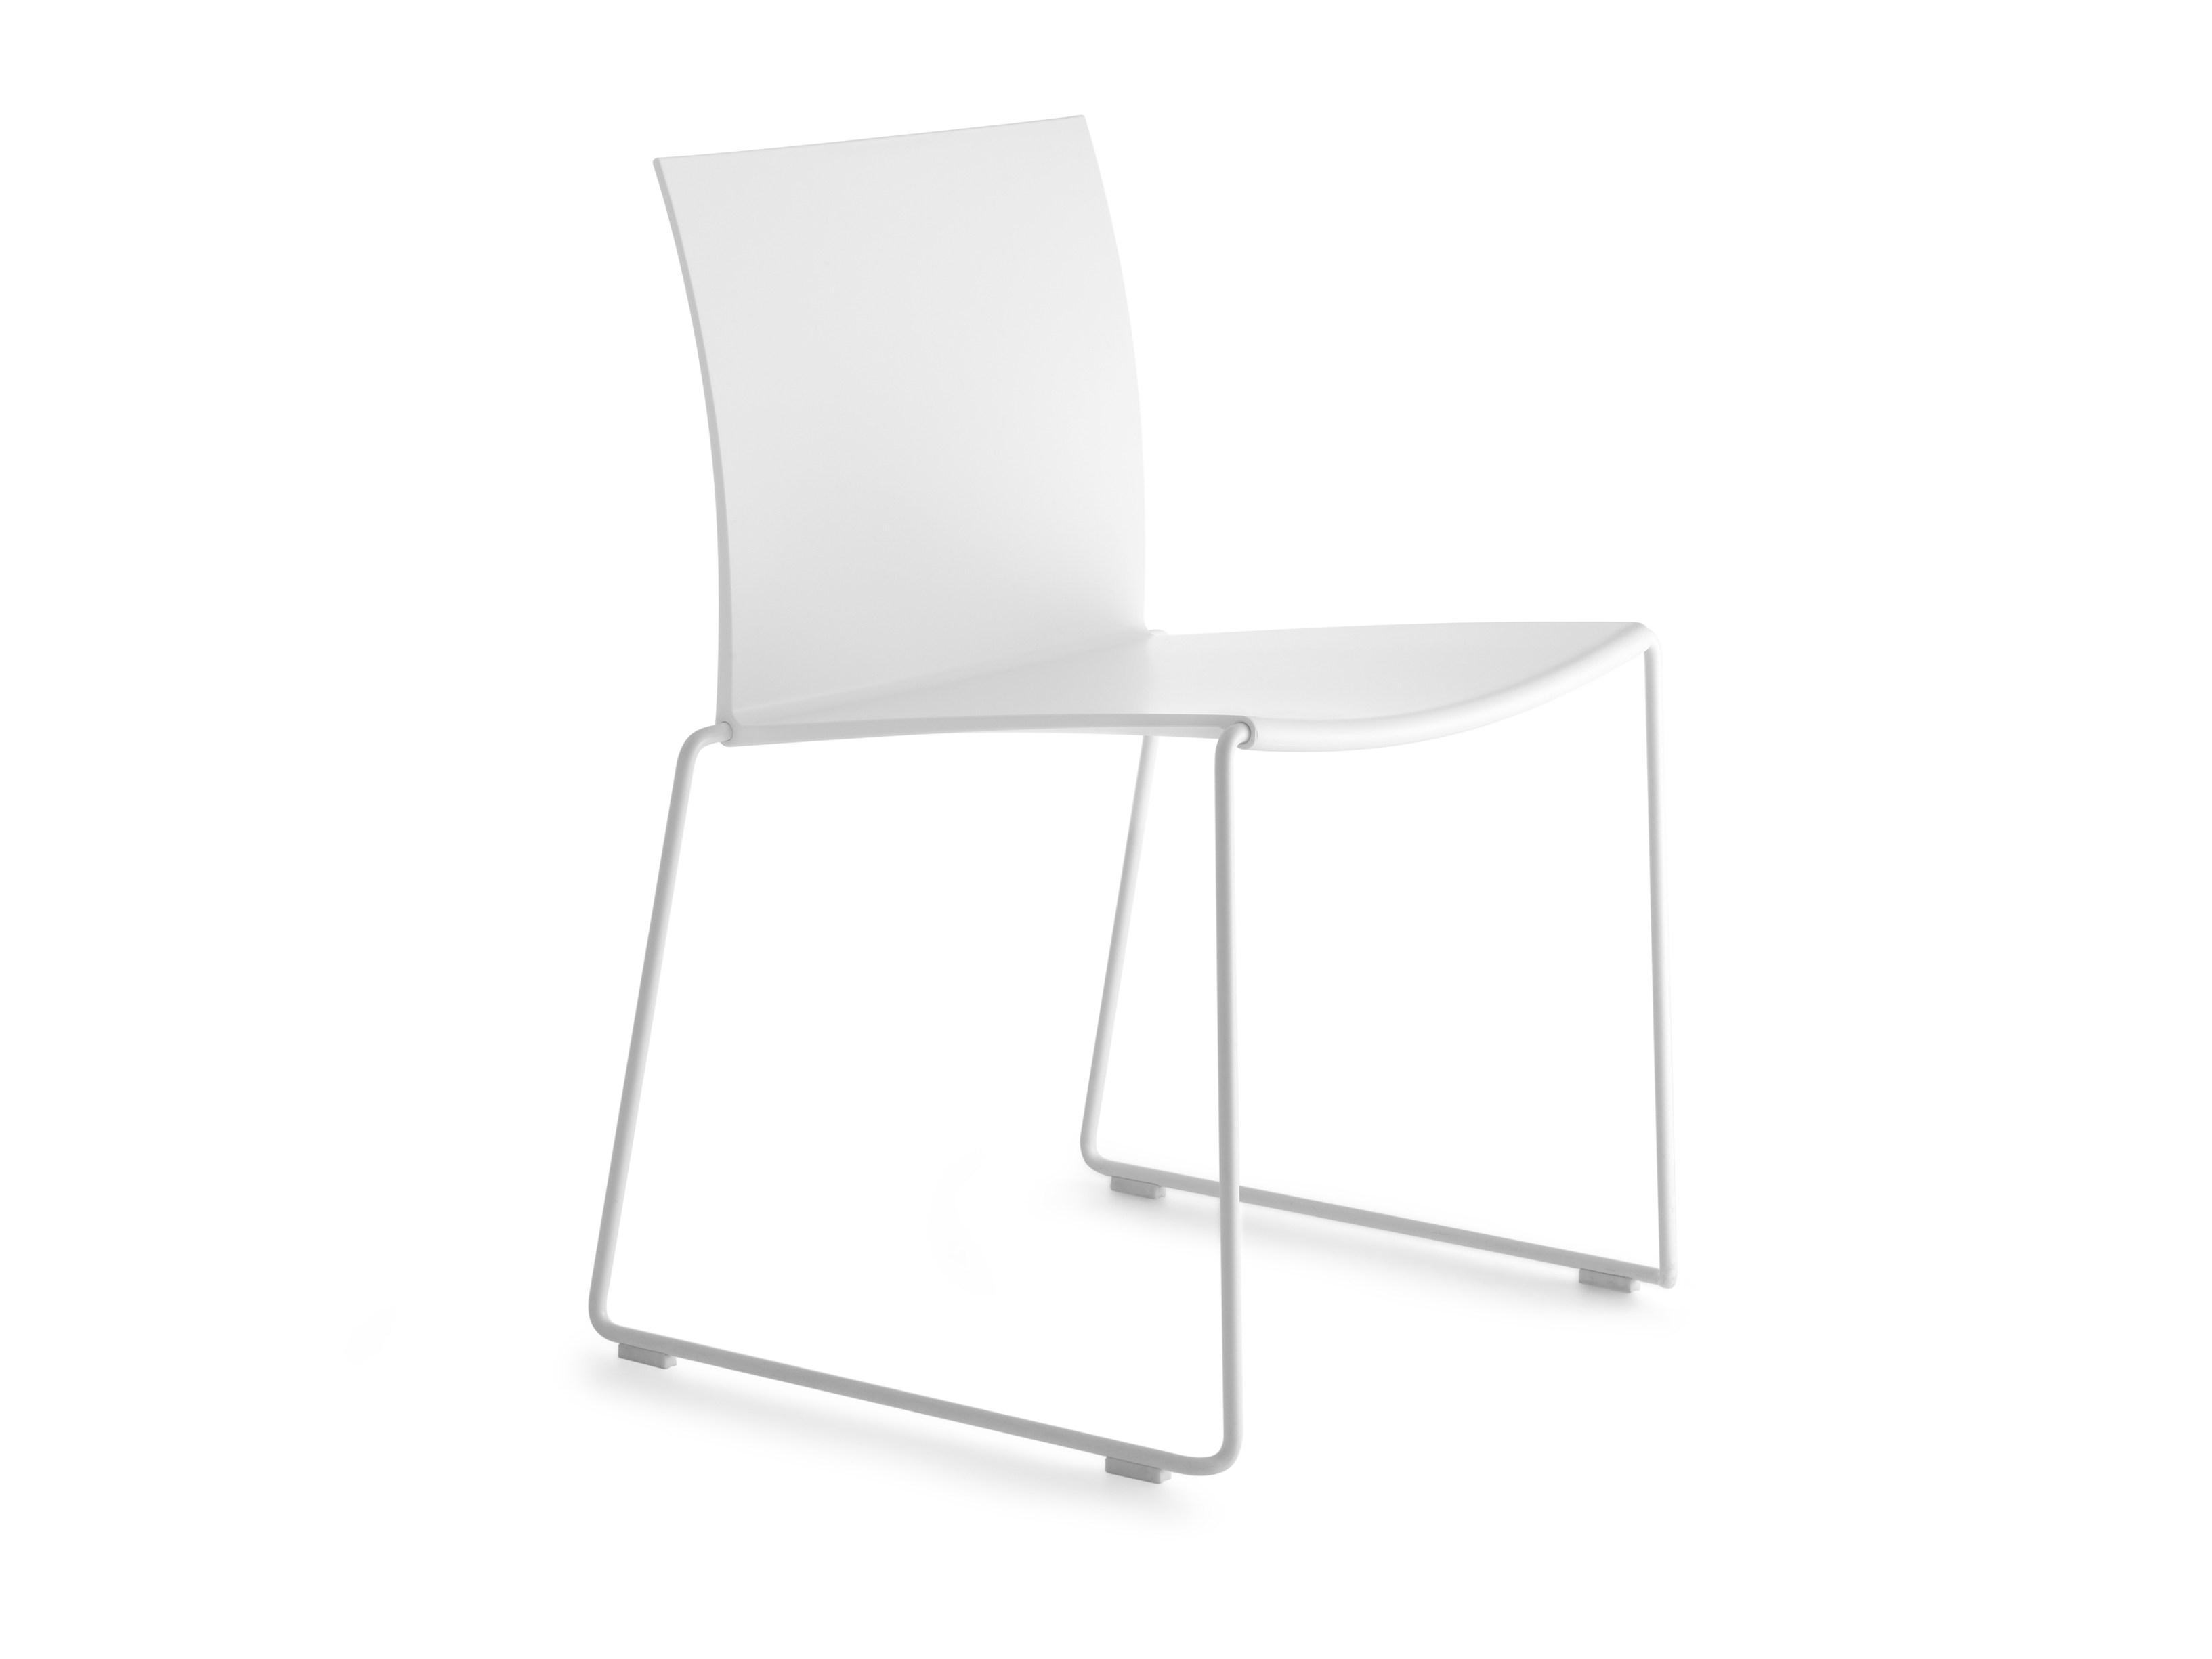 坐具 餐椅 创意家具 现代家居 时尚家具 设计师家具 定制家具 实木家具 M1  餐椅/洽谈椅